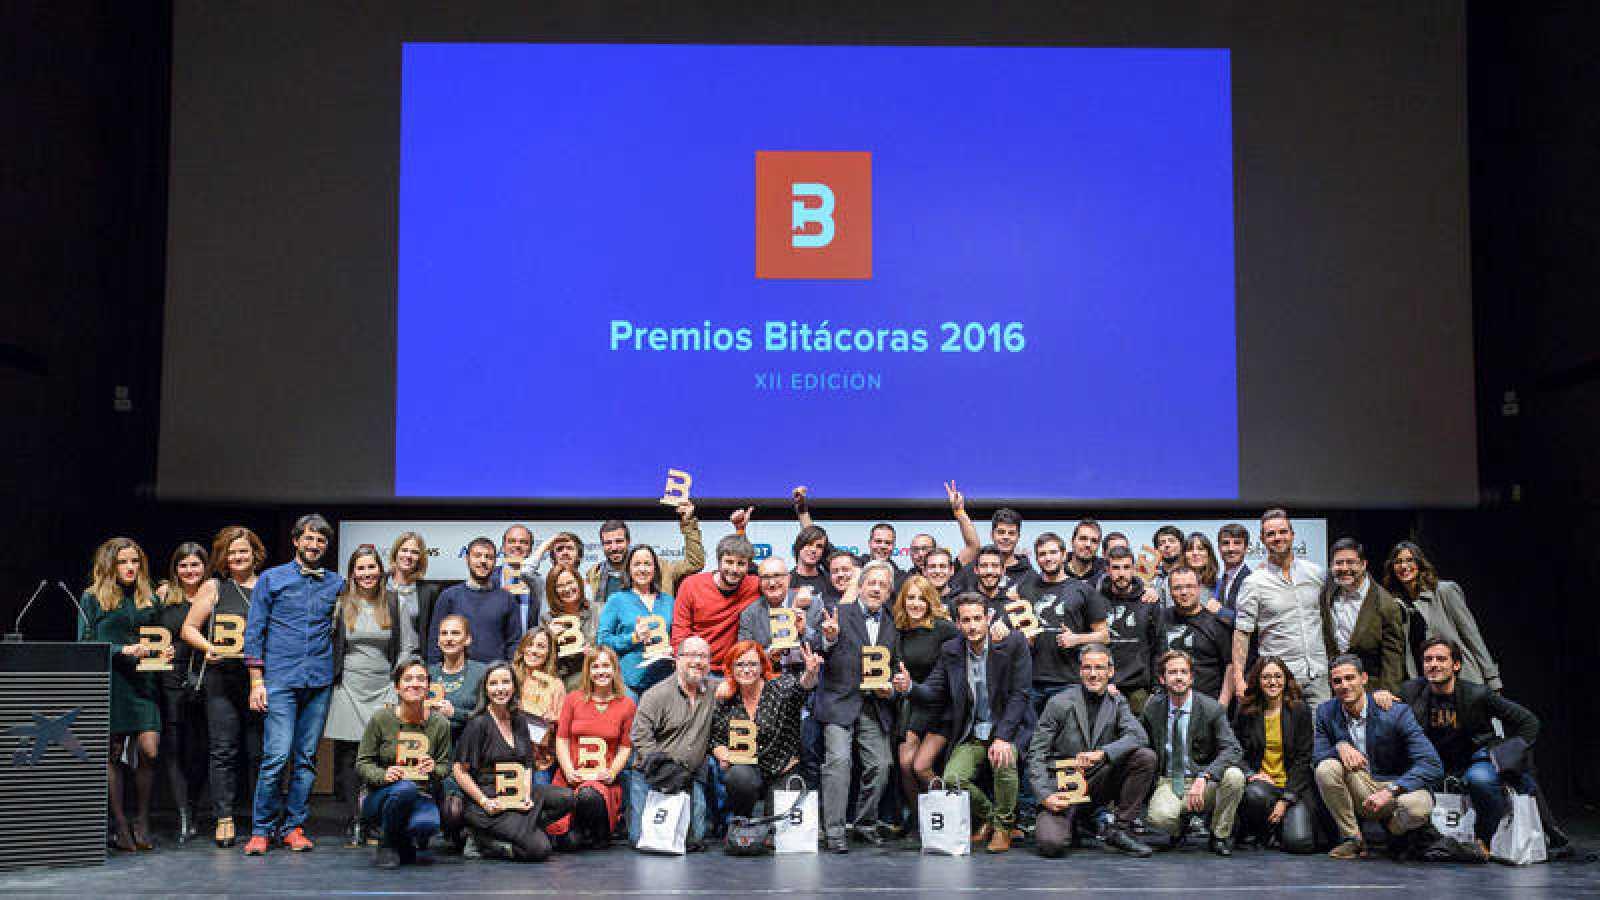 Imagen de los 21 ganadores de la undécima edición de los Premios Bitácoras.